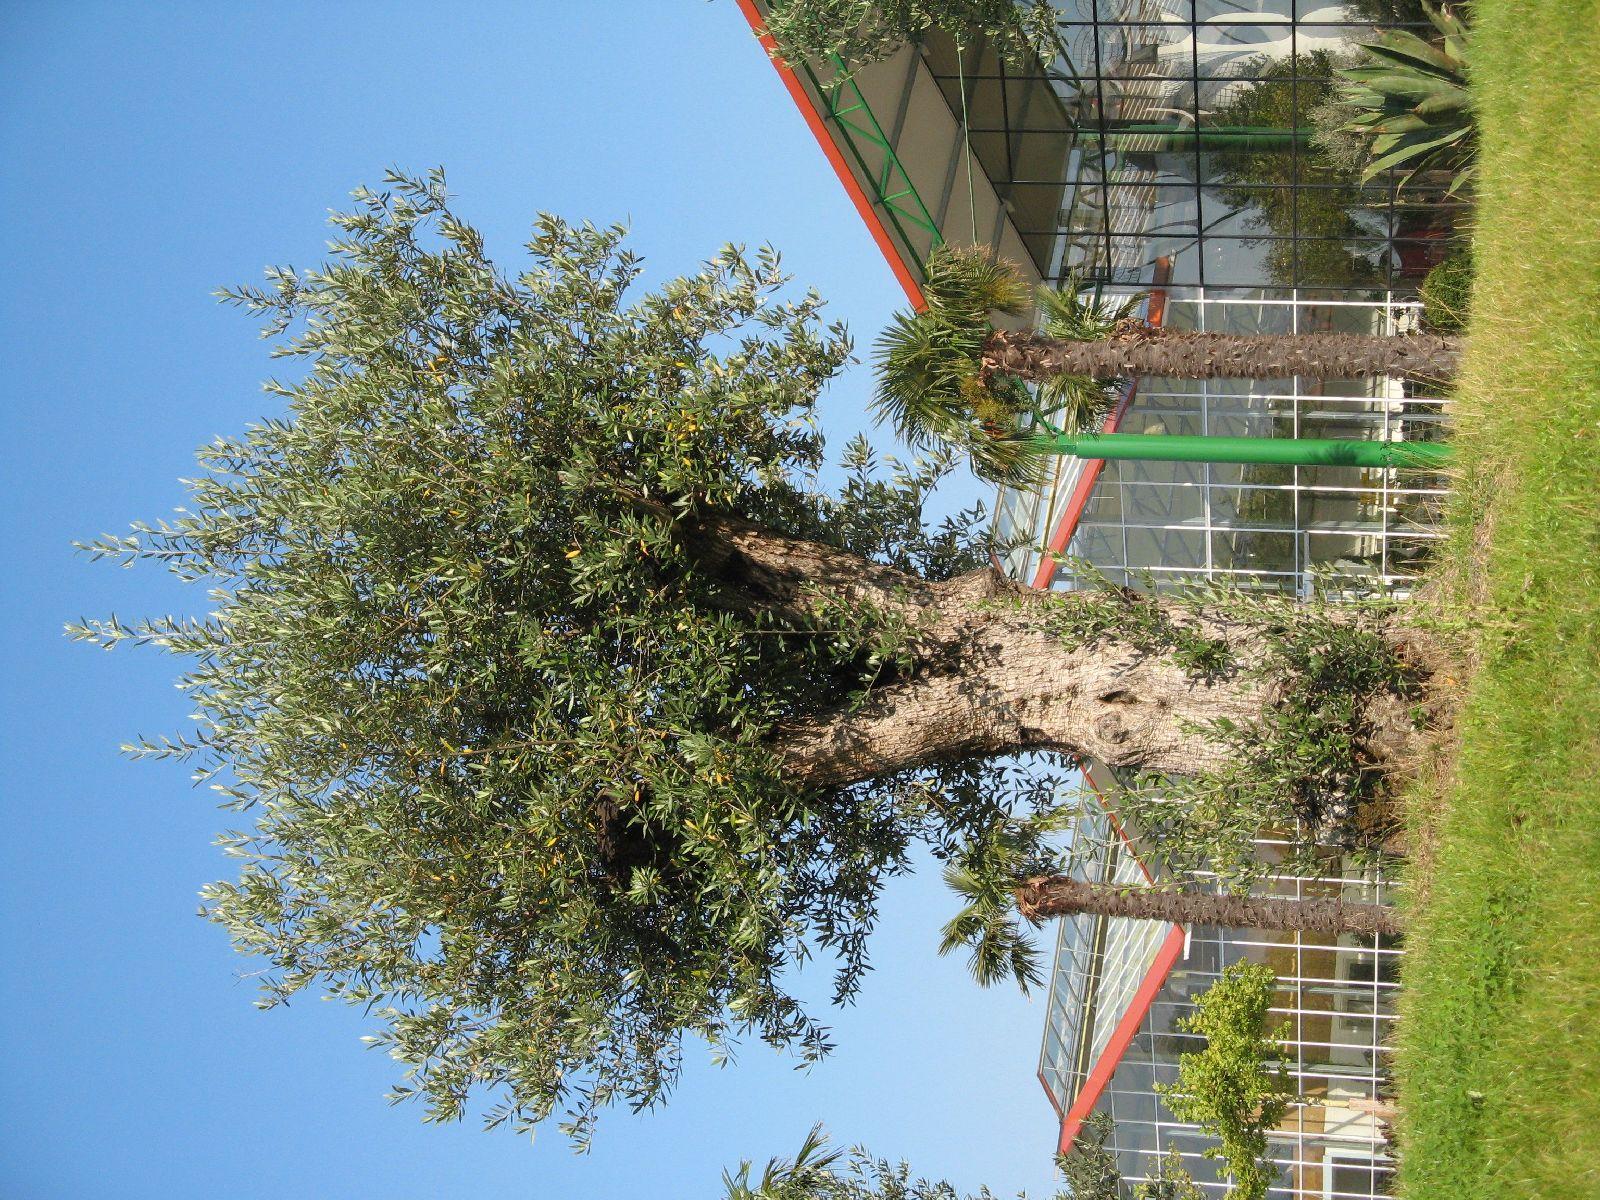 Pflanzen-Baum-Foto_Textur_B_1197